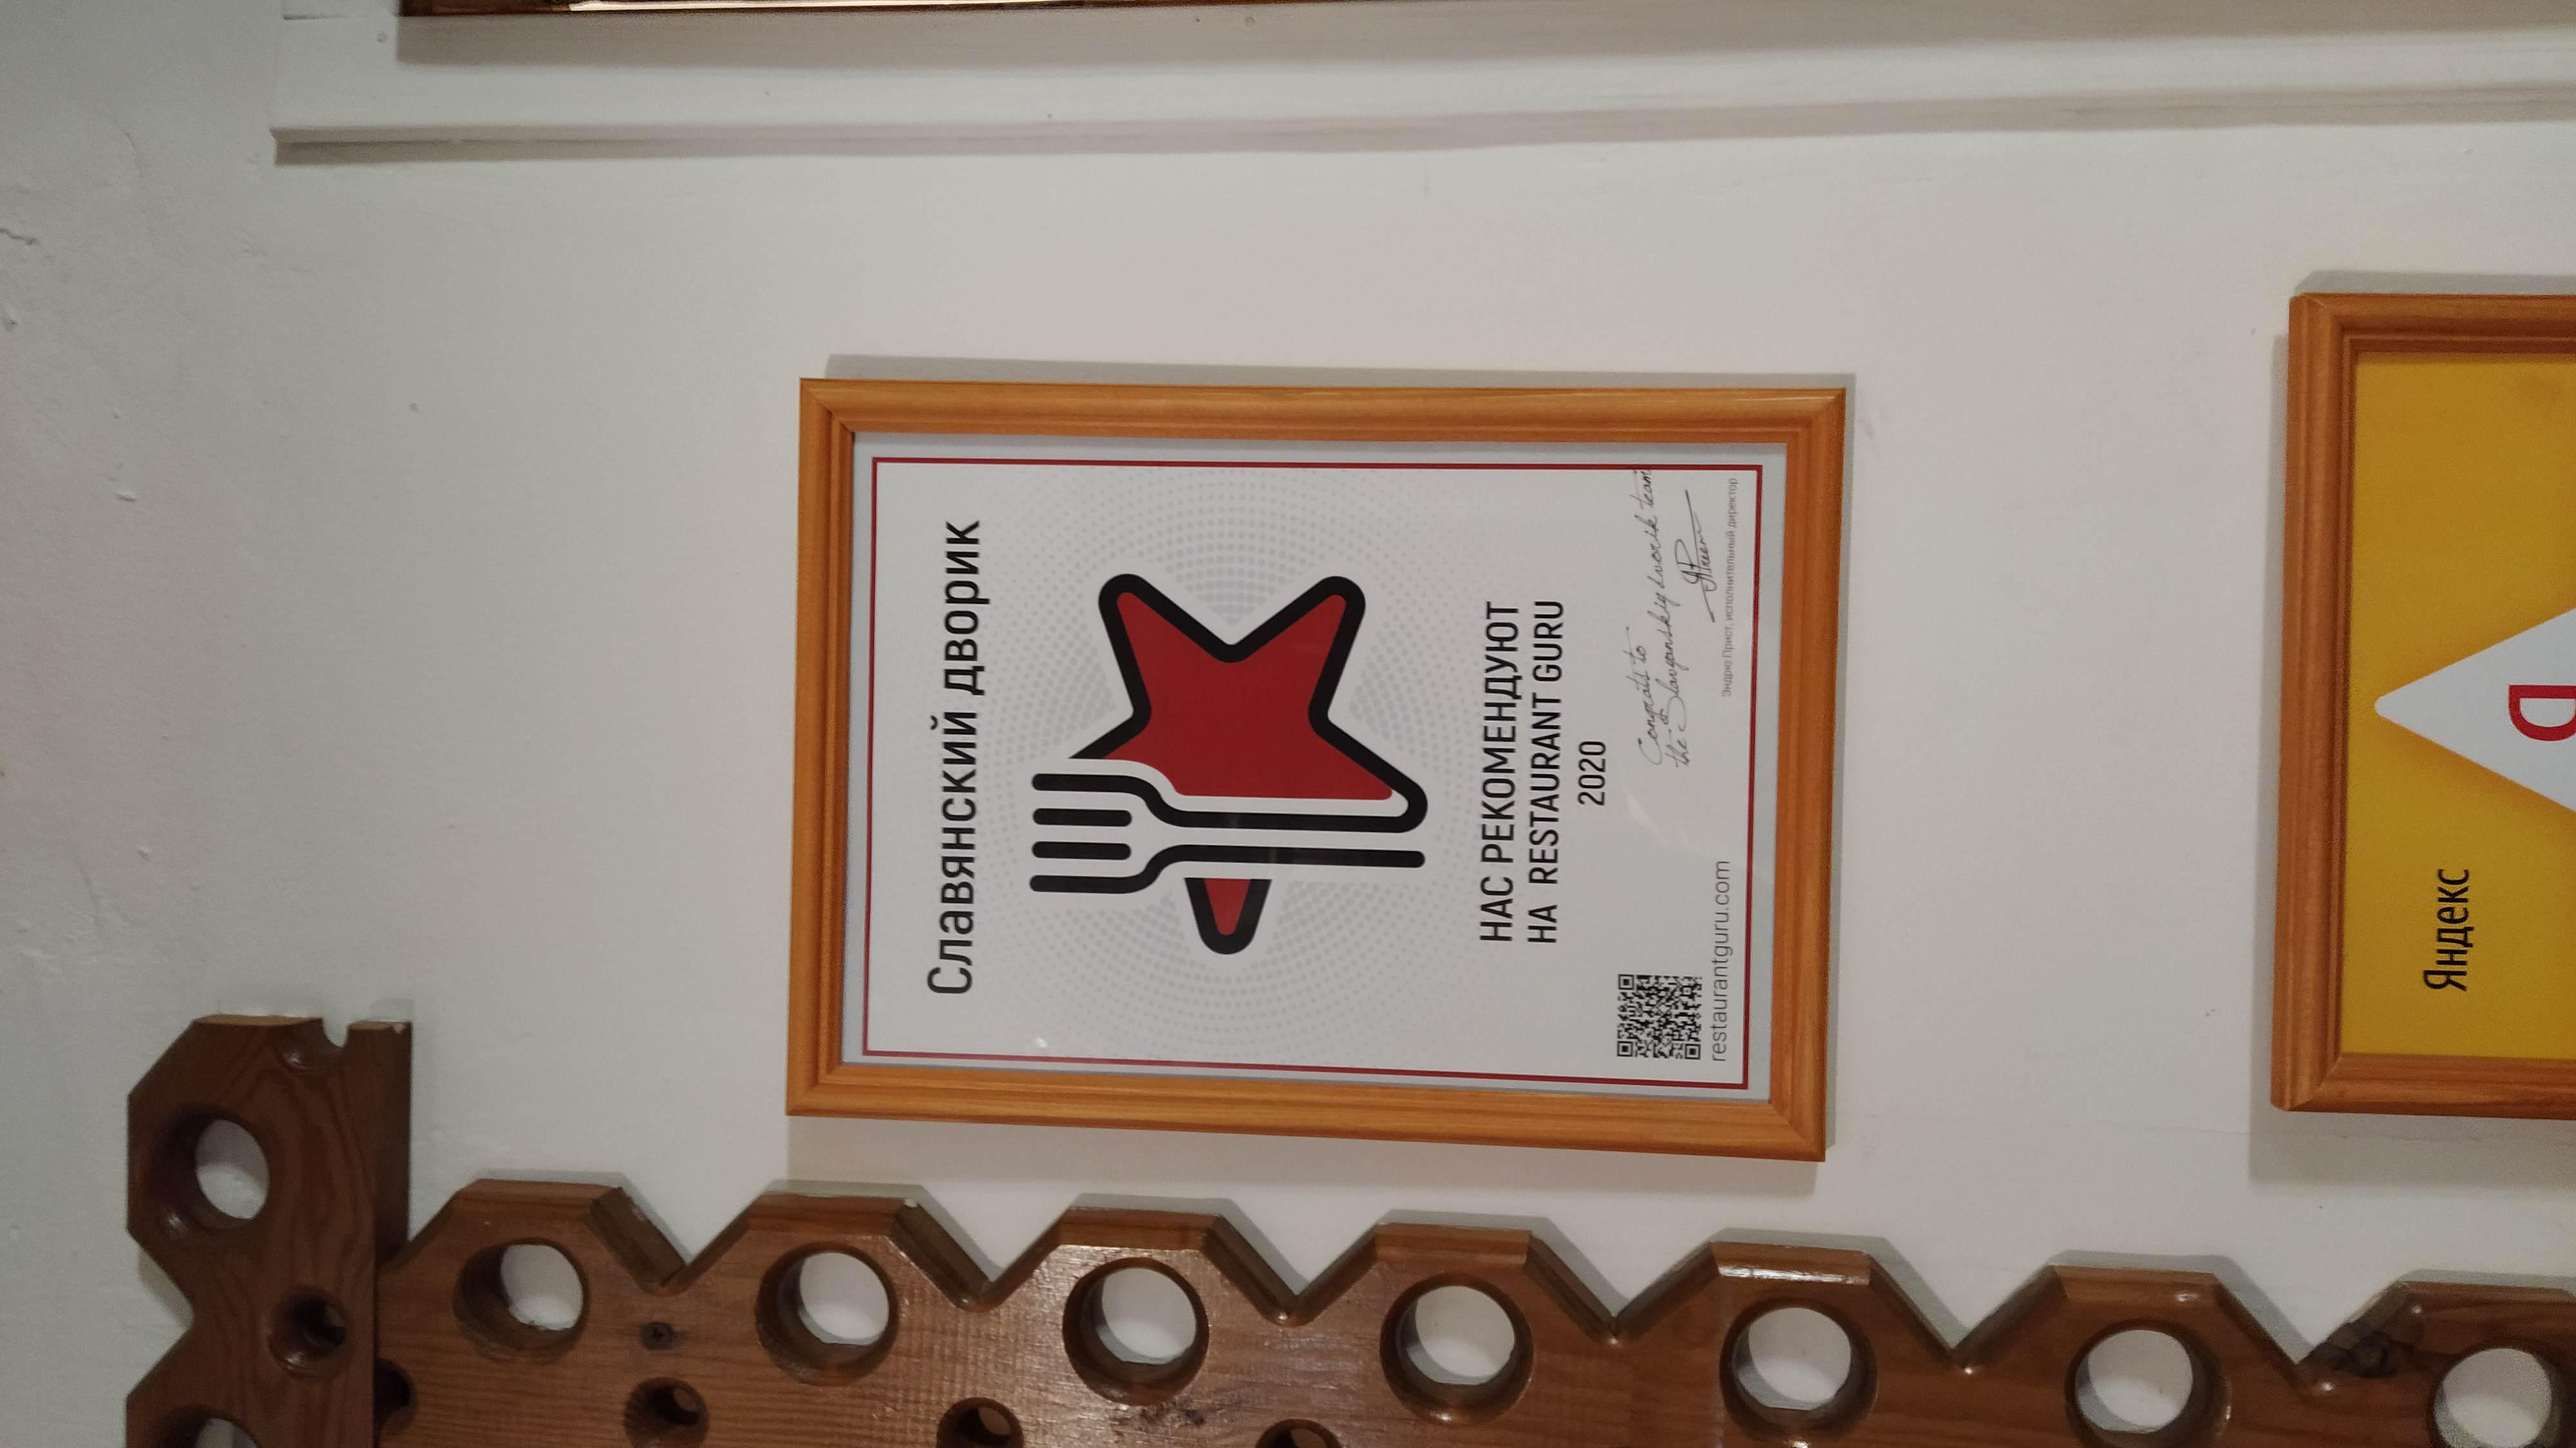 Славянский дворик award